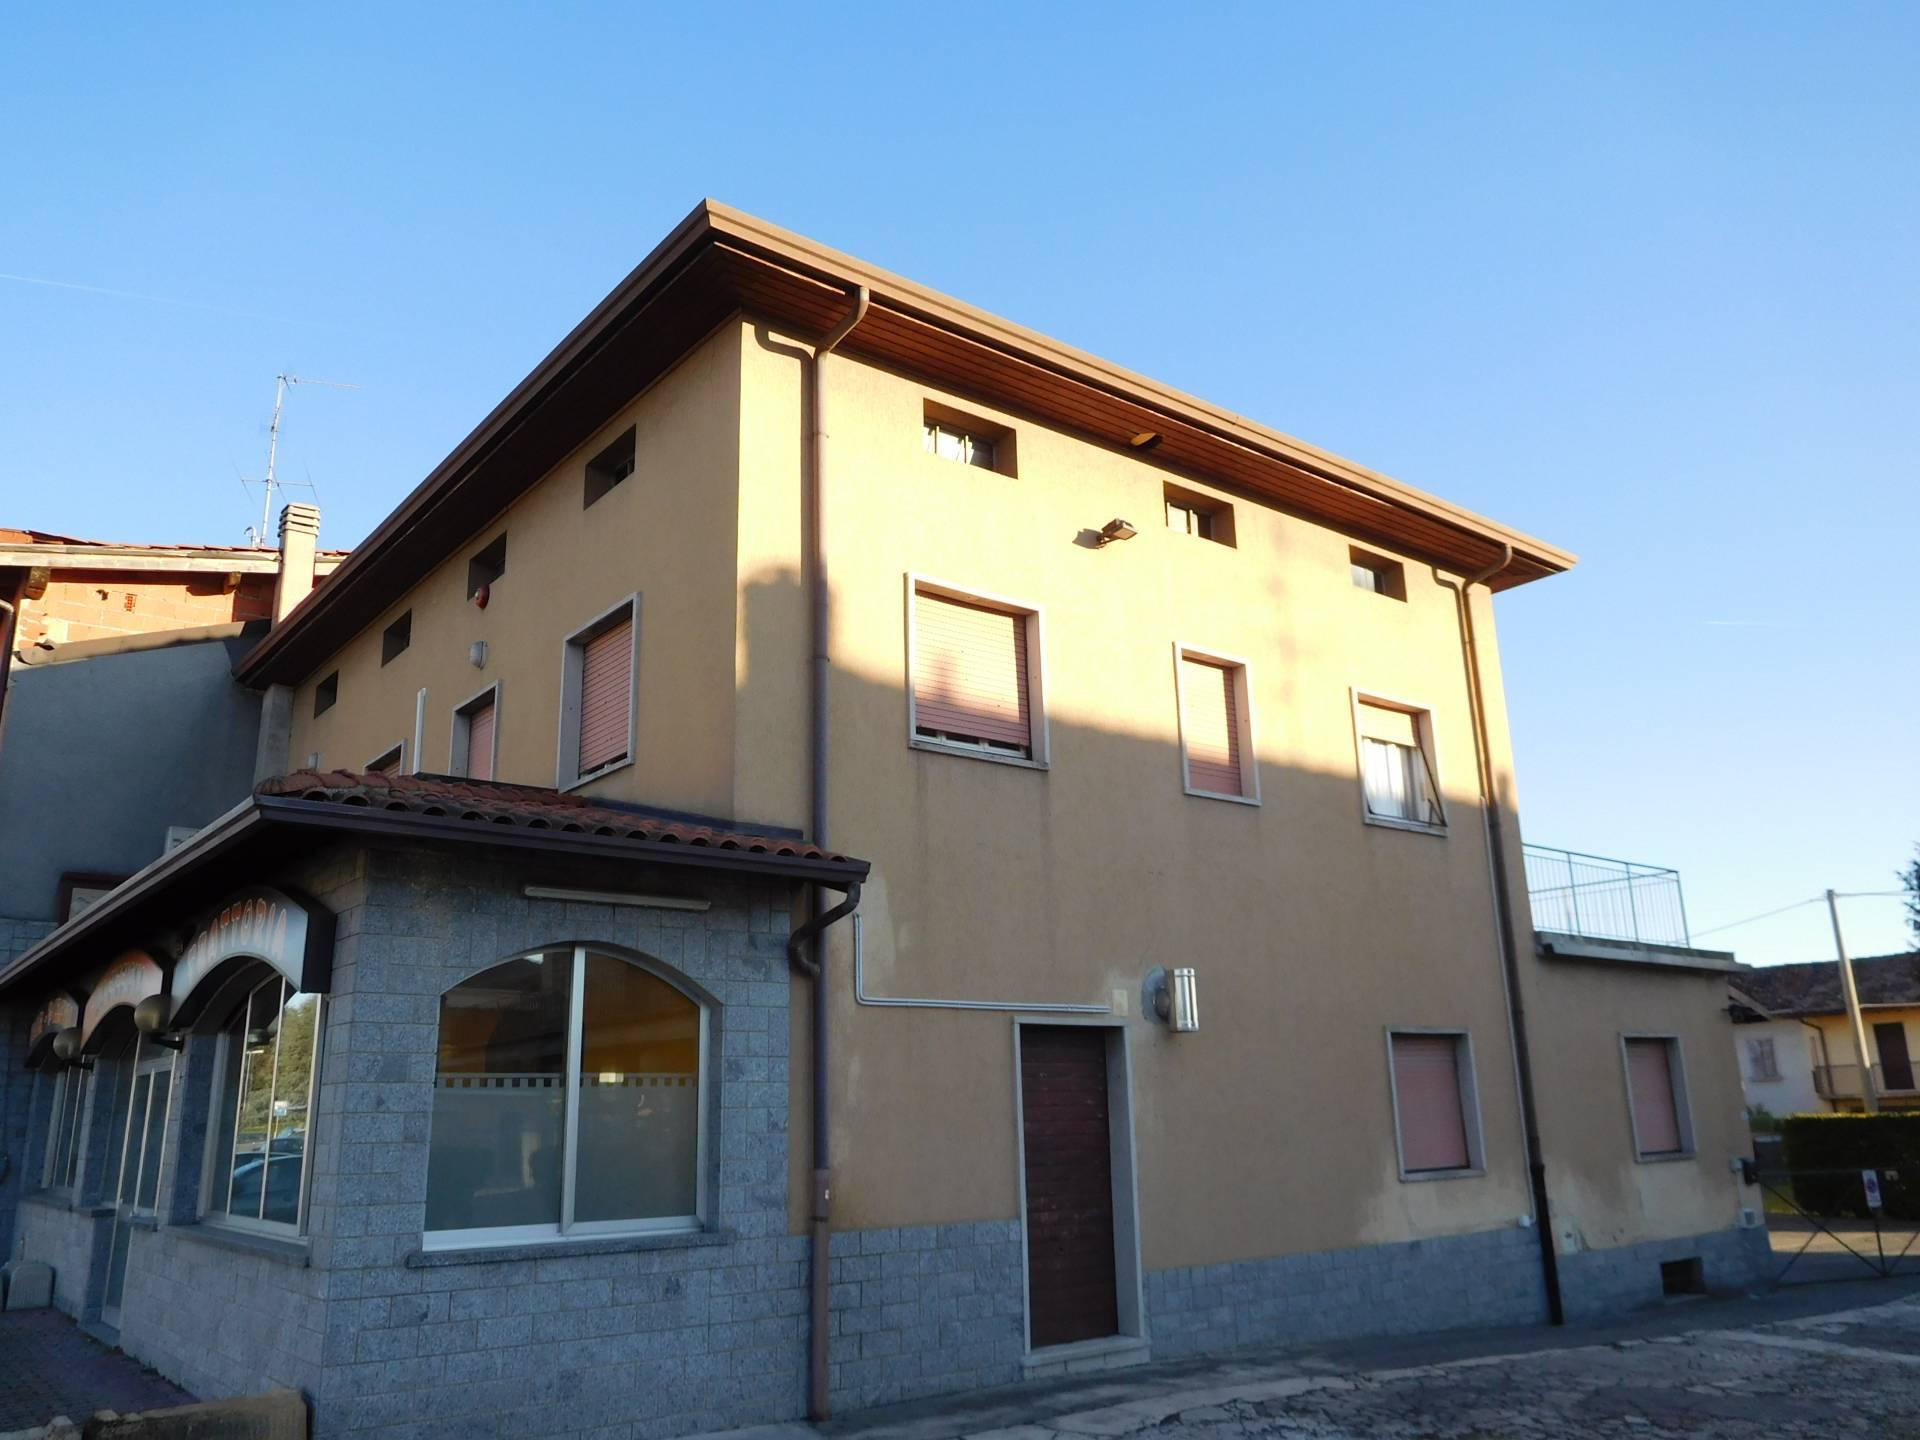 Altro in vendita a Pedrengo, 8 locali, prezzo € 480.000 | PortaleAgenzieImmobiliari.it